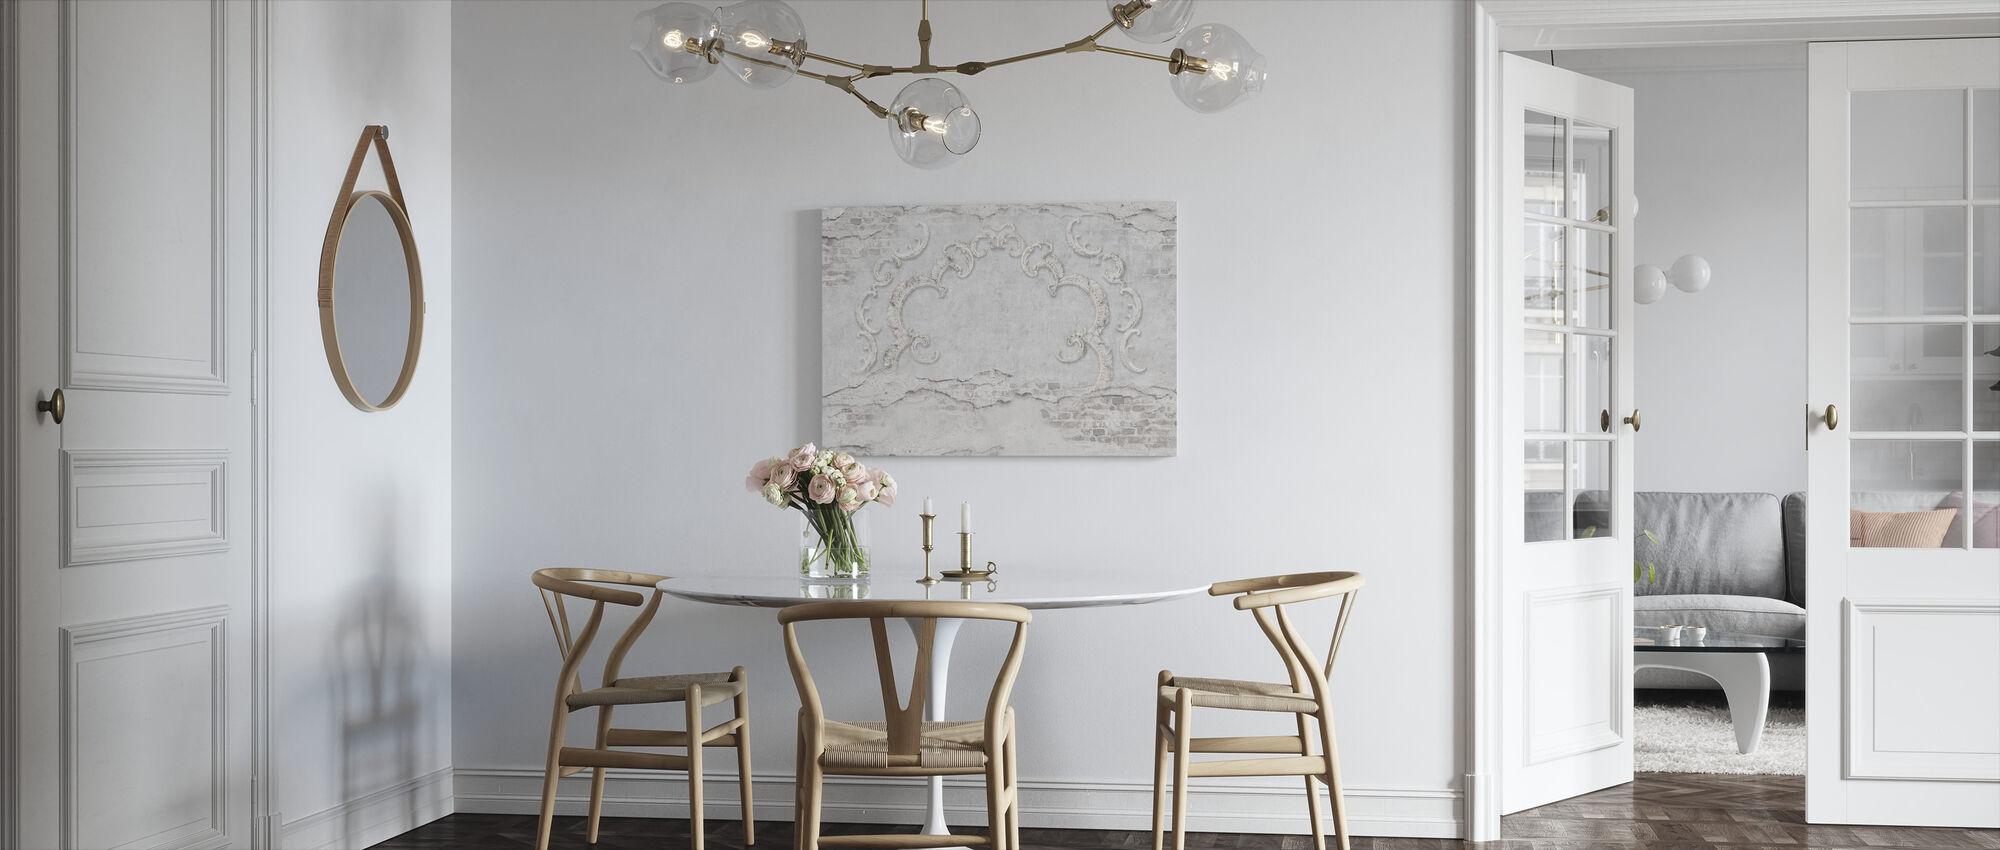 Gebarsten bakstenen muur met stucwerk - Canvas print - Keuken